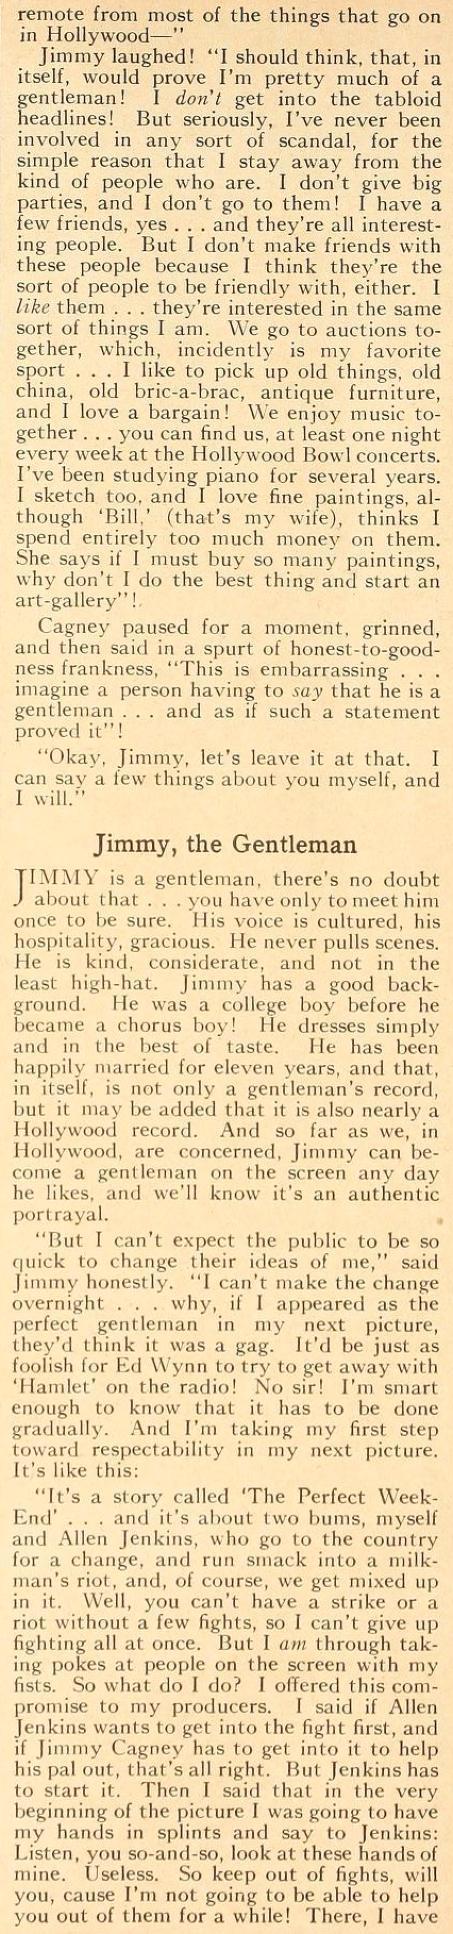 movie classic october 1934ca